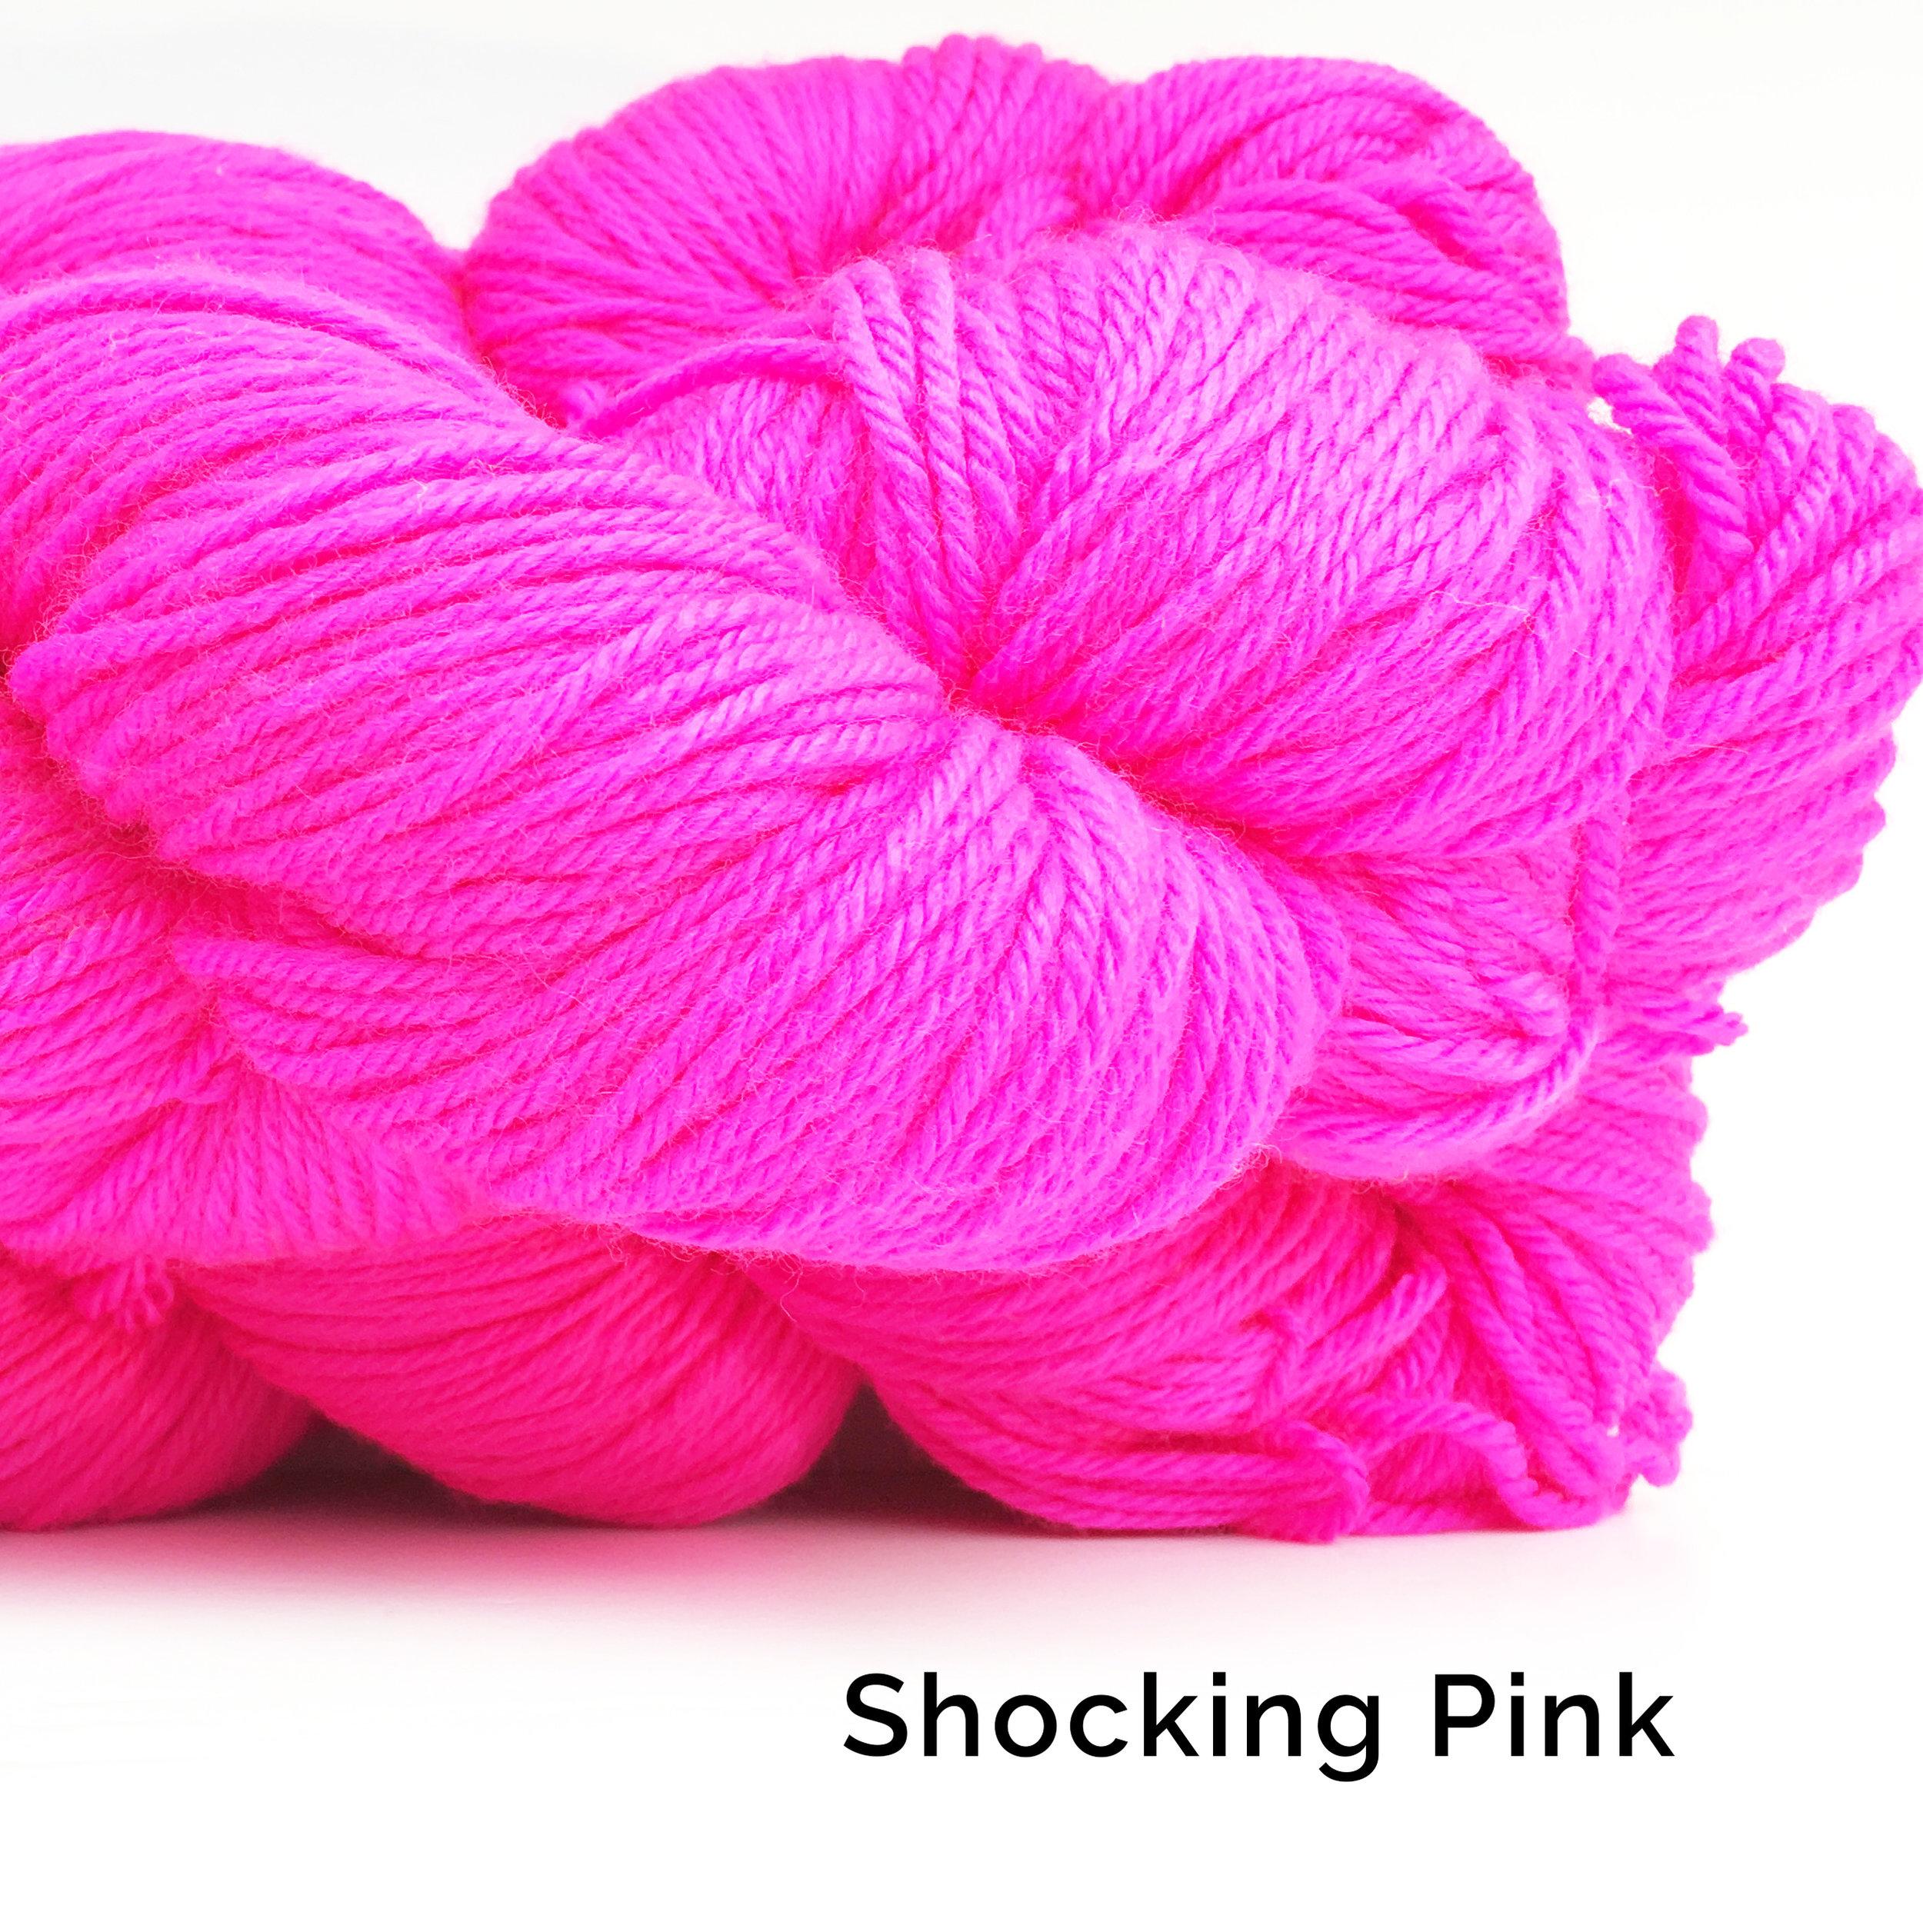 Shocking Pink.jpg